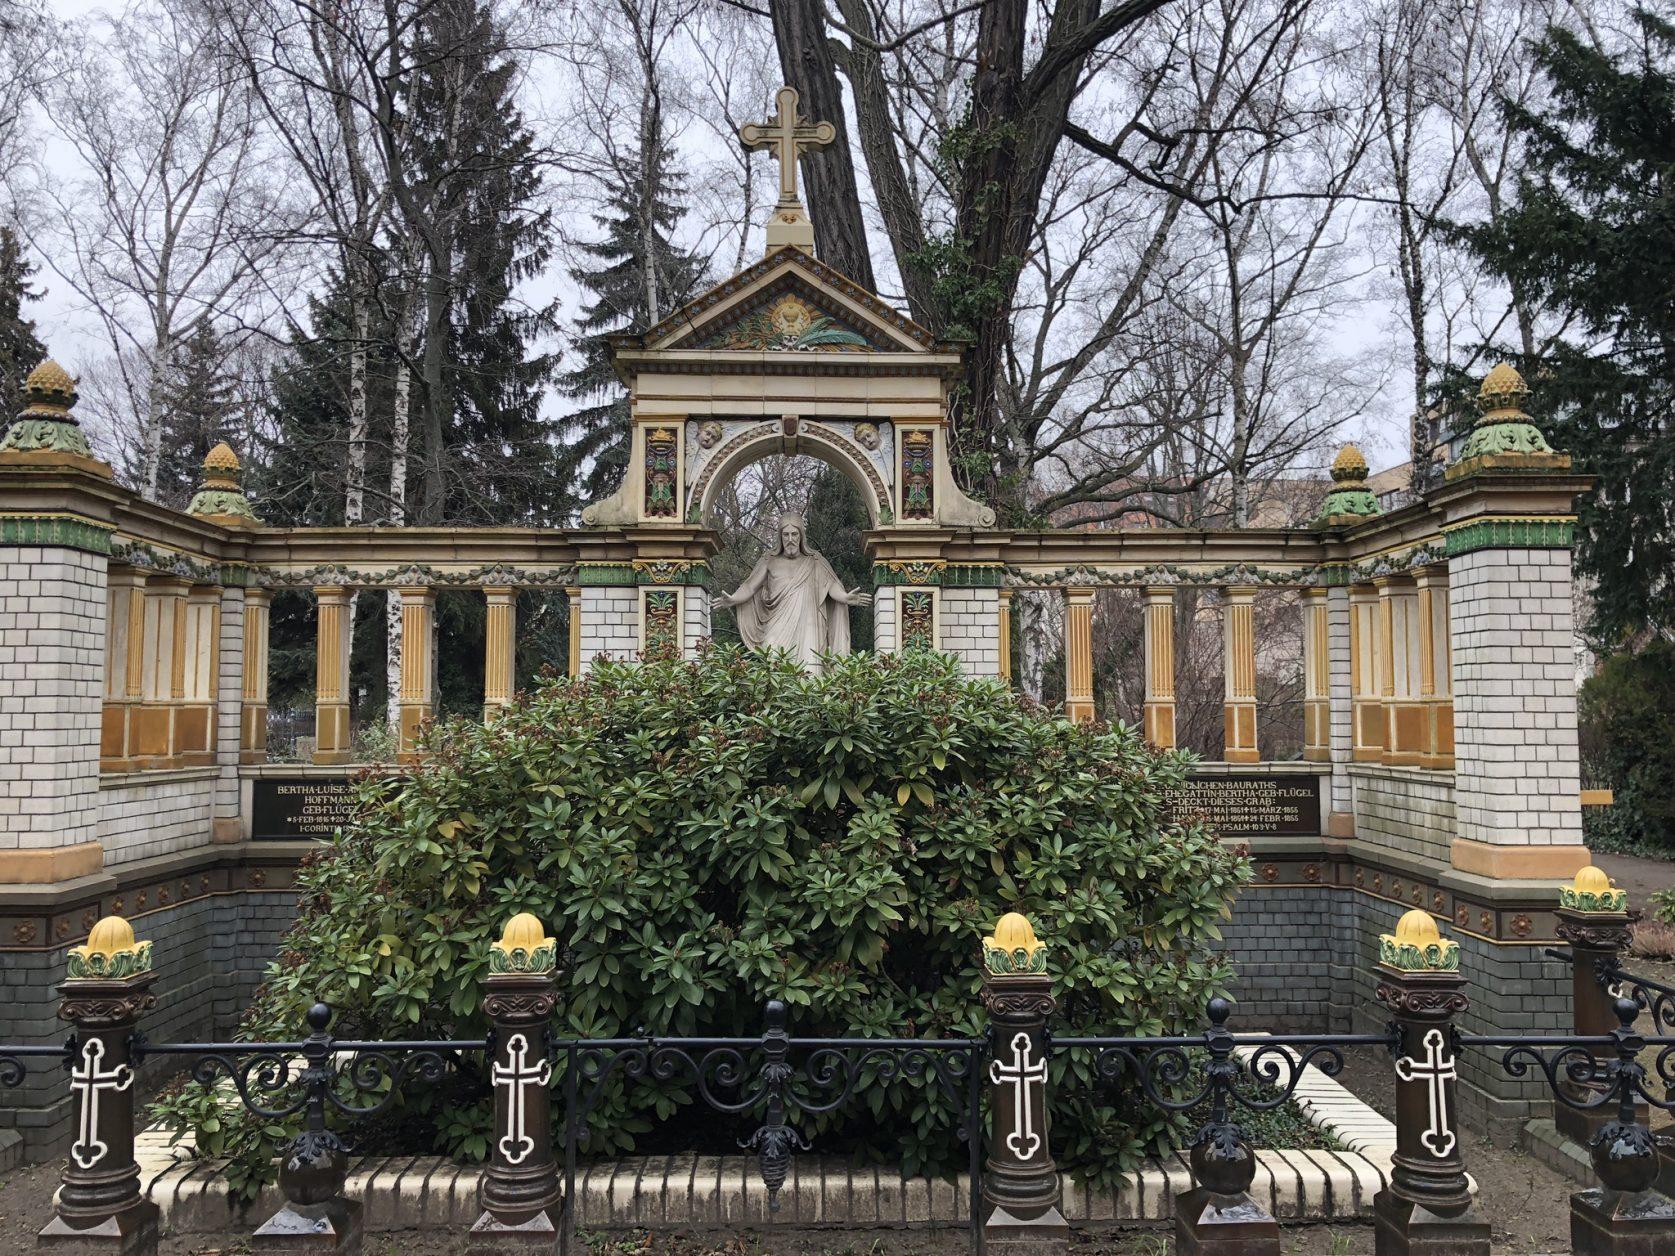 Grabstätte für Hoffmann auf dem Dorotheenstädtischen Friedhof Berlin